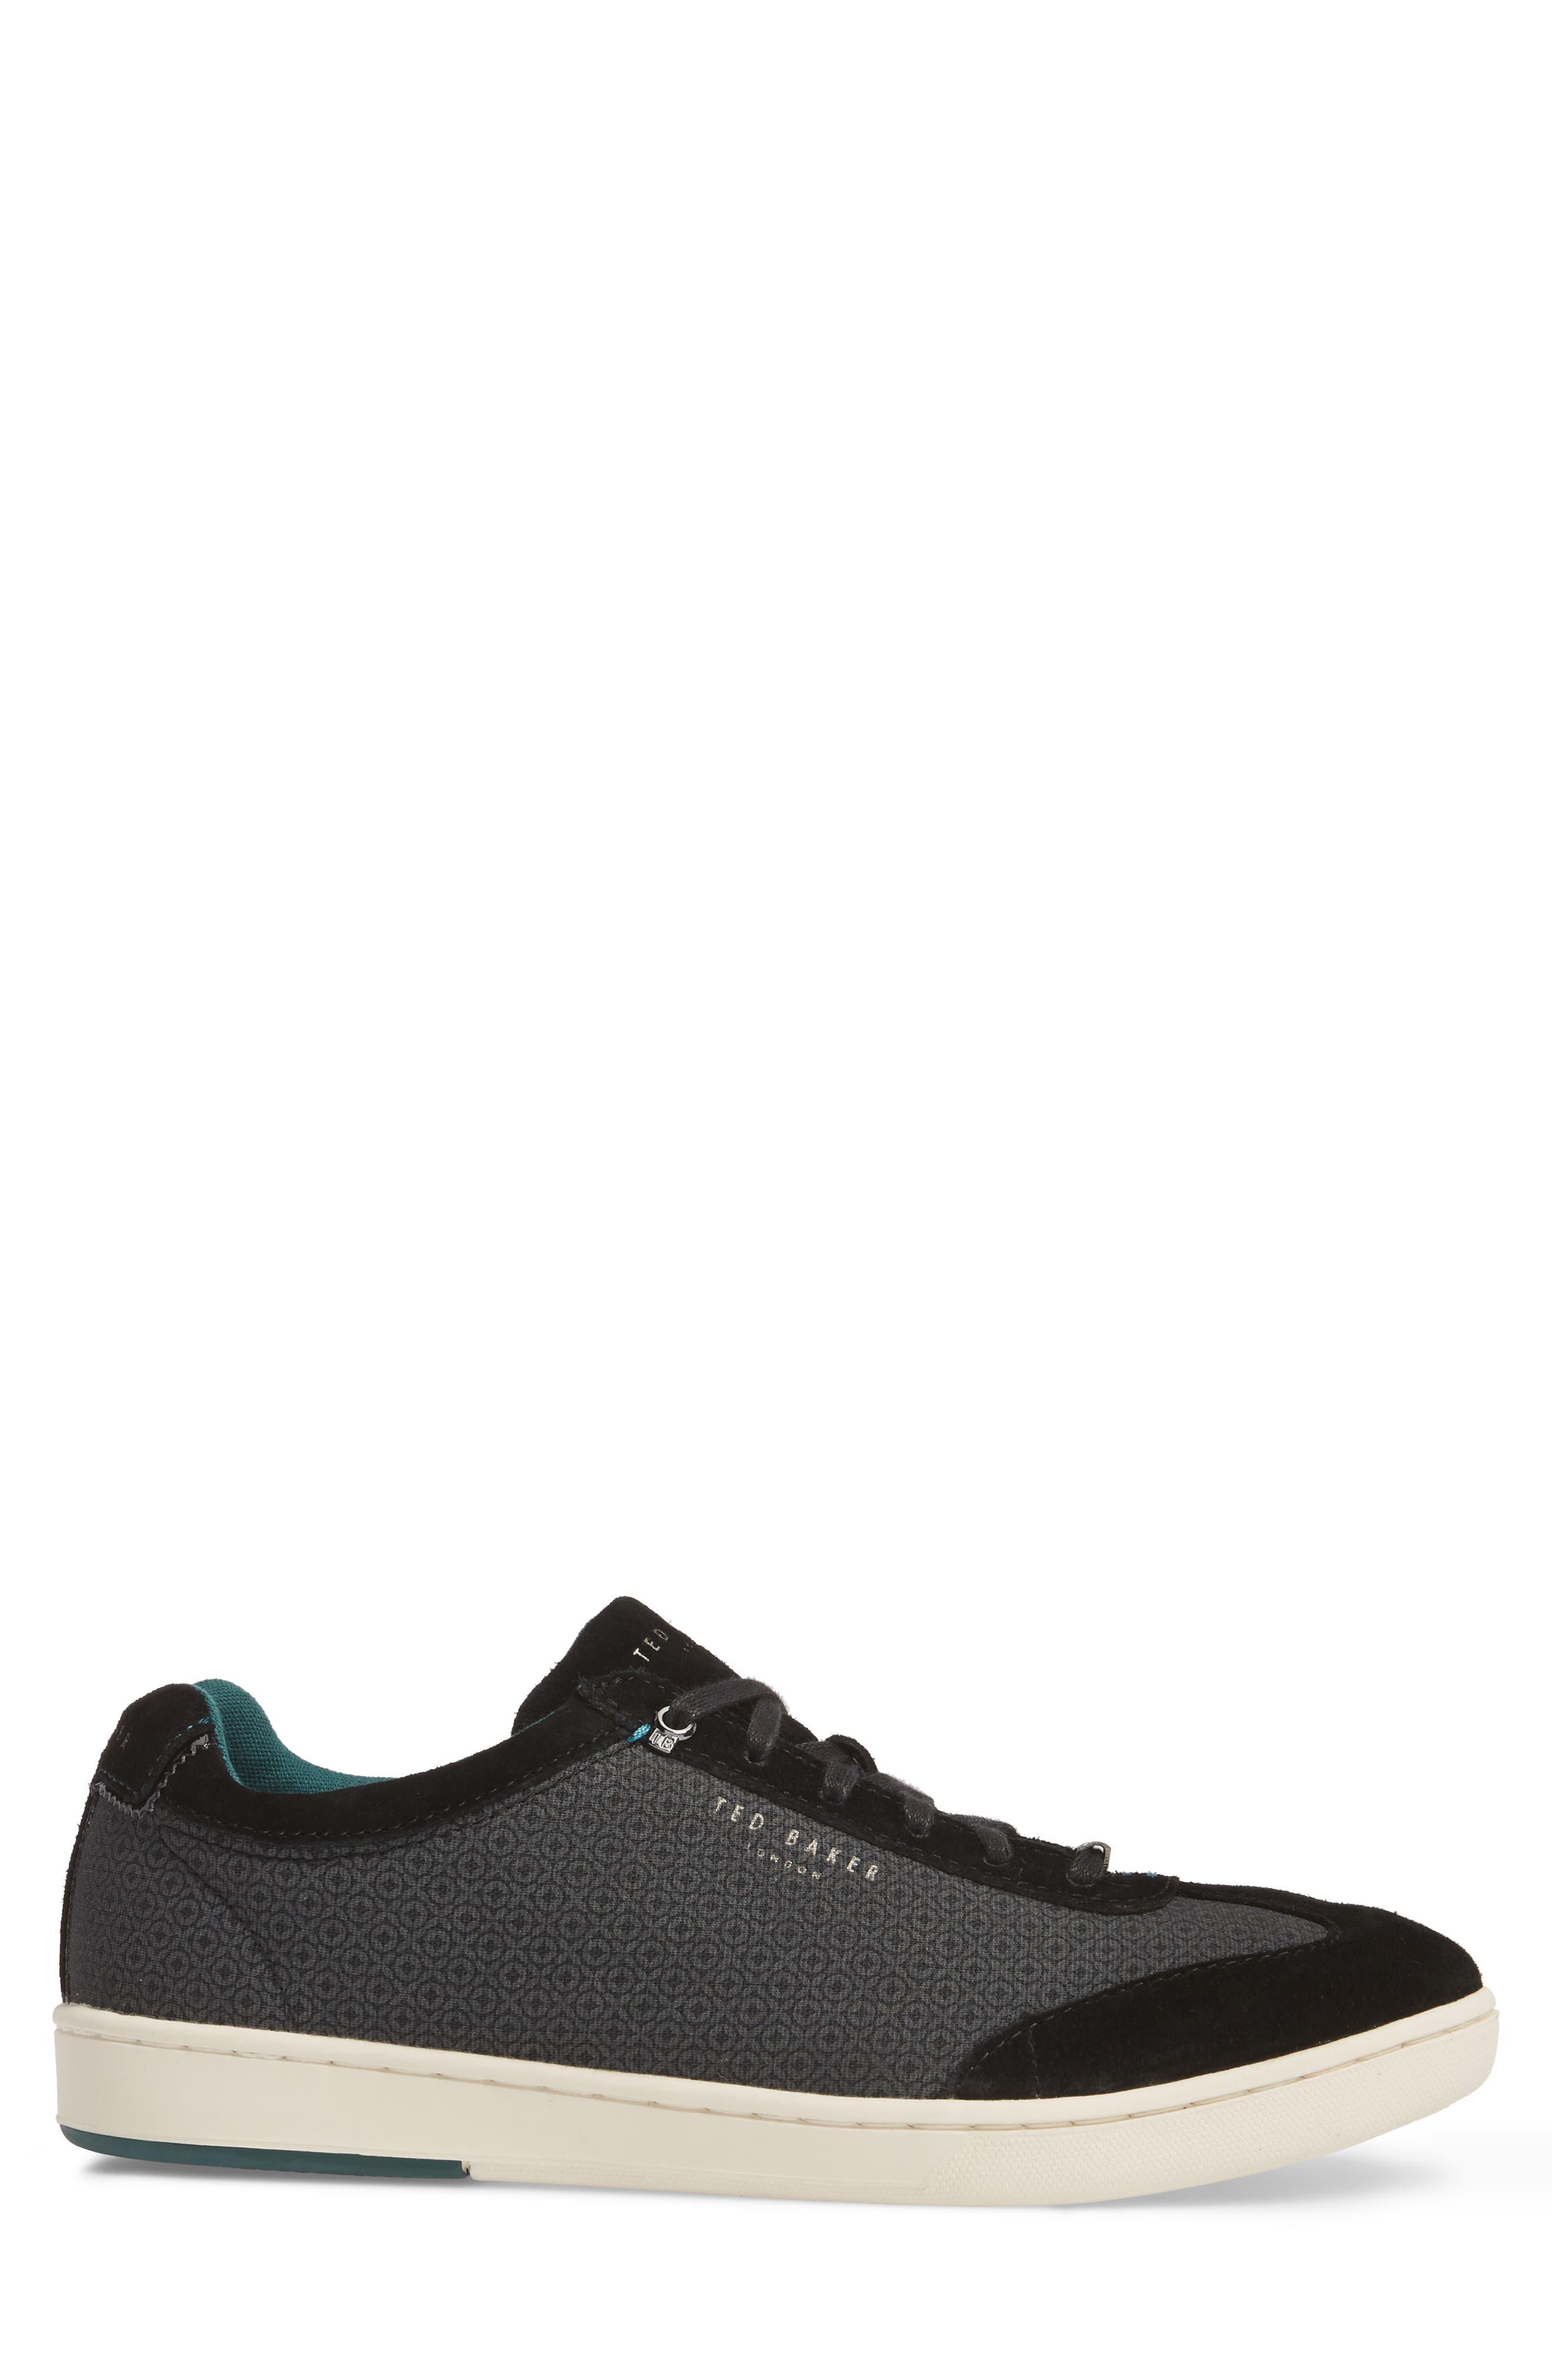 Alternate Image 3  - Ted Baker London Kiefer Sneaker (Men)